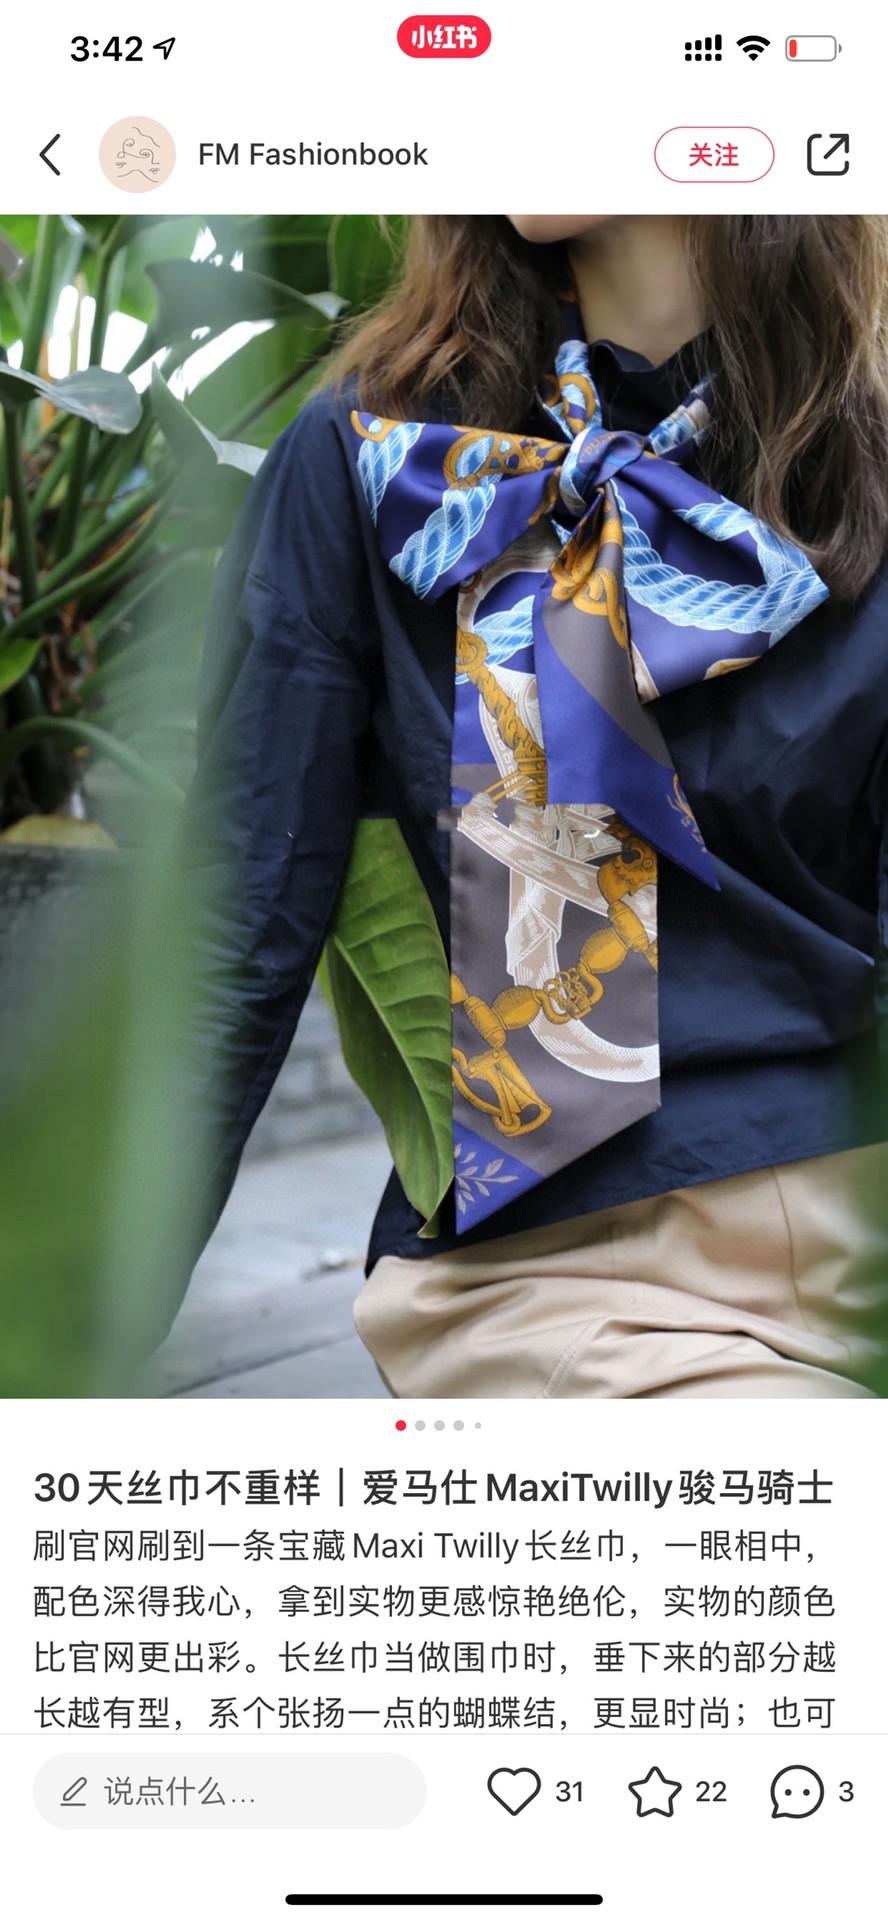 爱马仕 21夏季新款Maxi Twilly《神奇的动物》 藏蓝色~100%真丝10*180cm